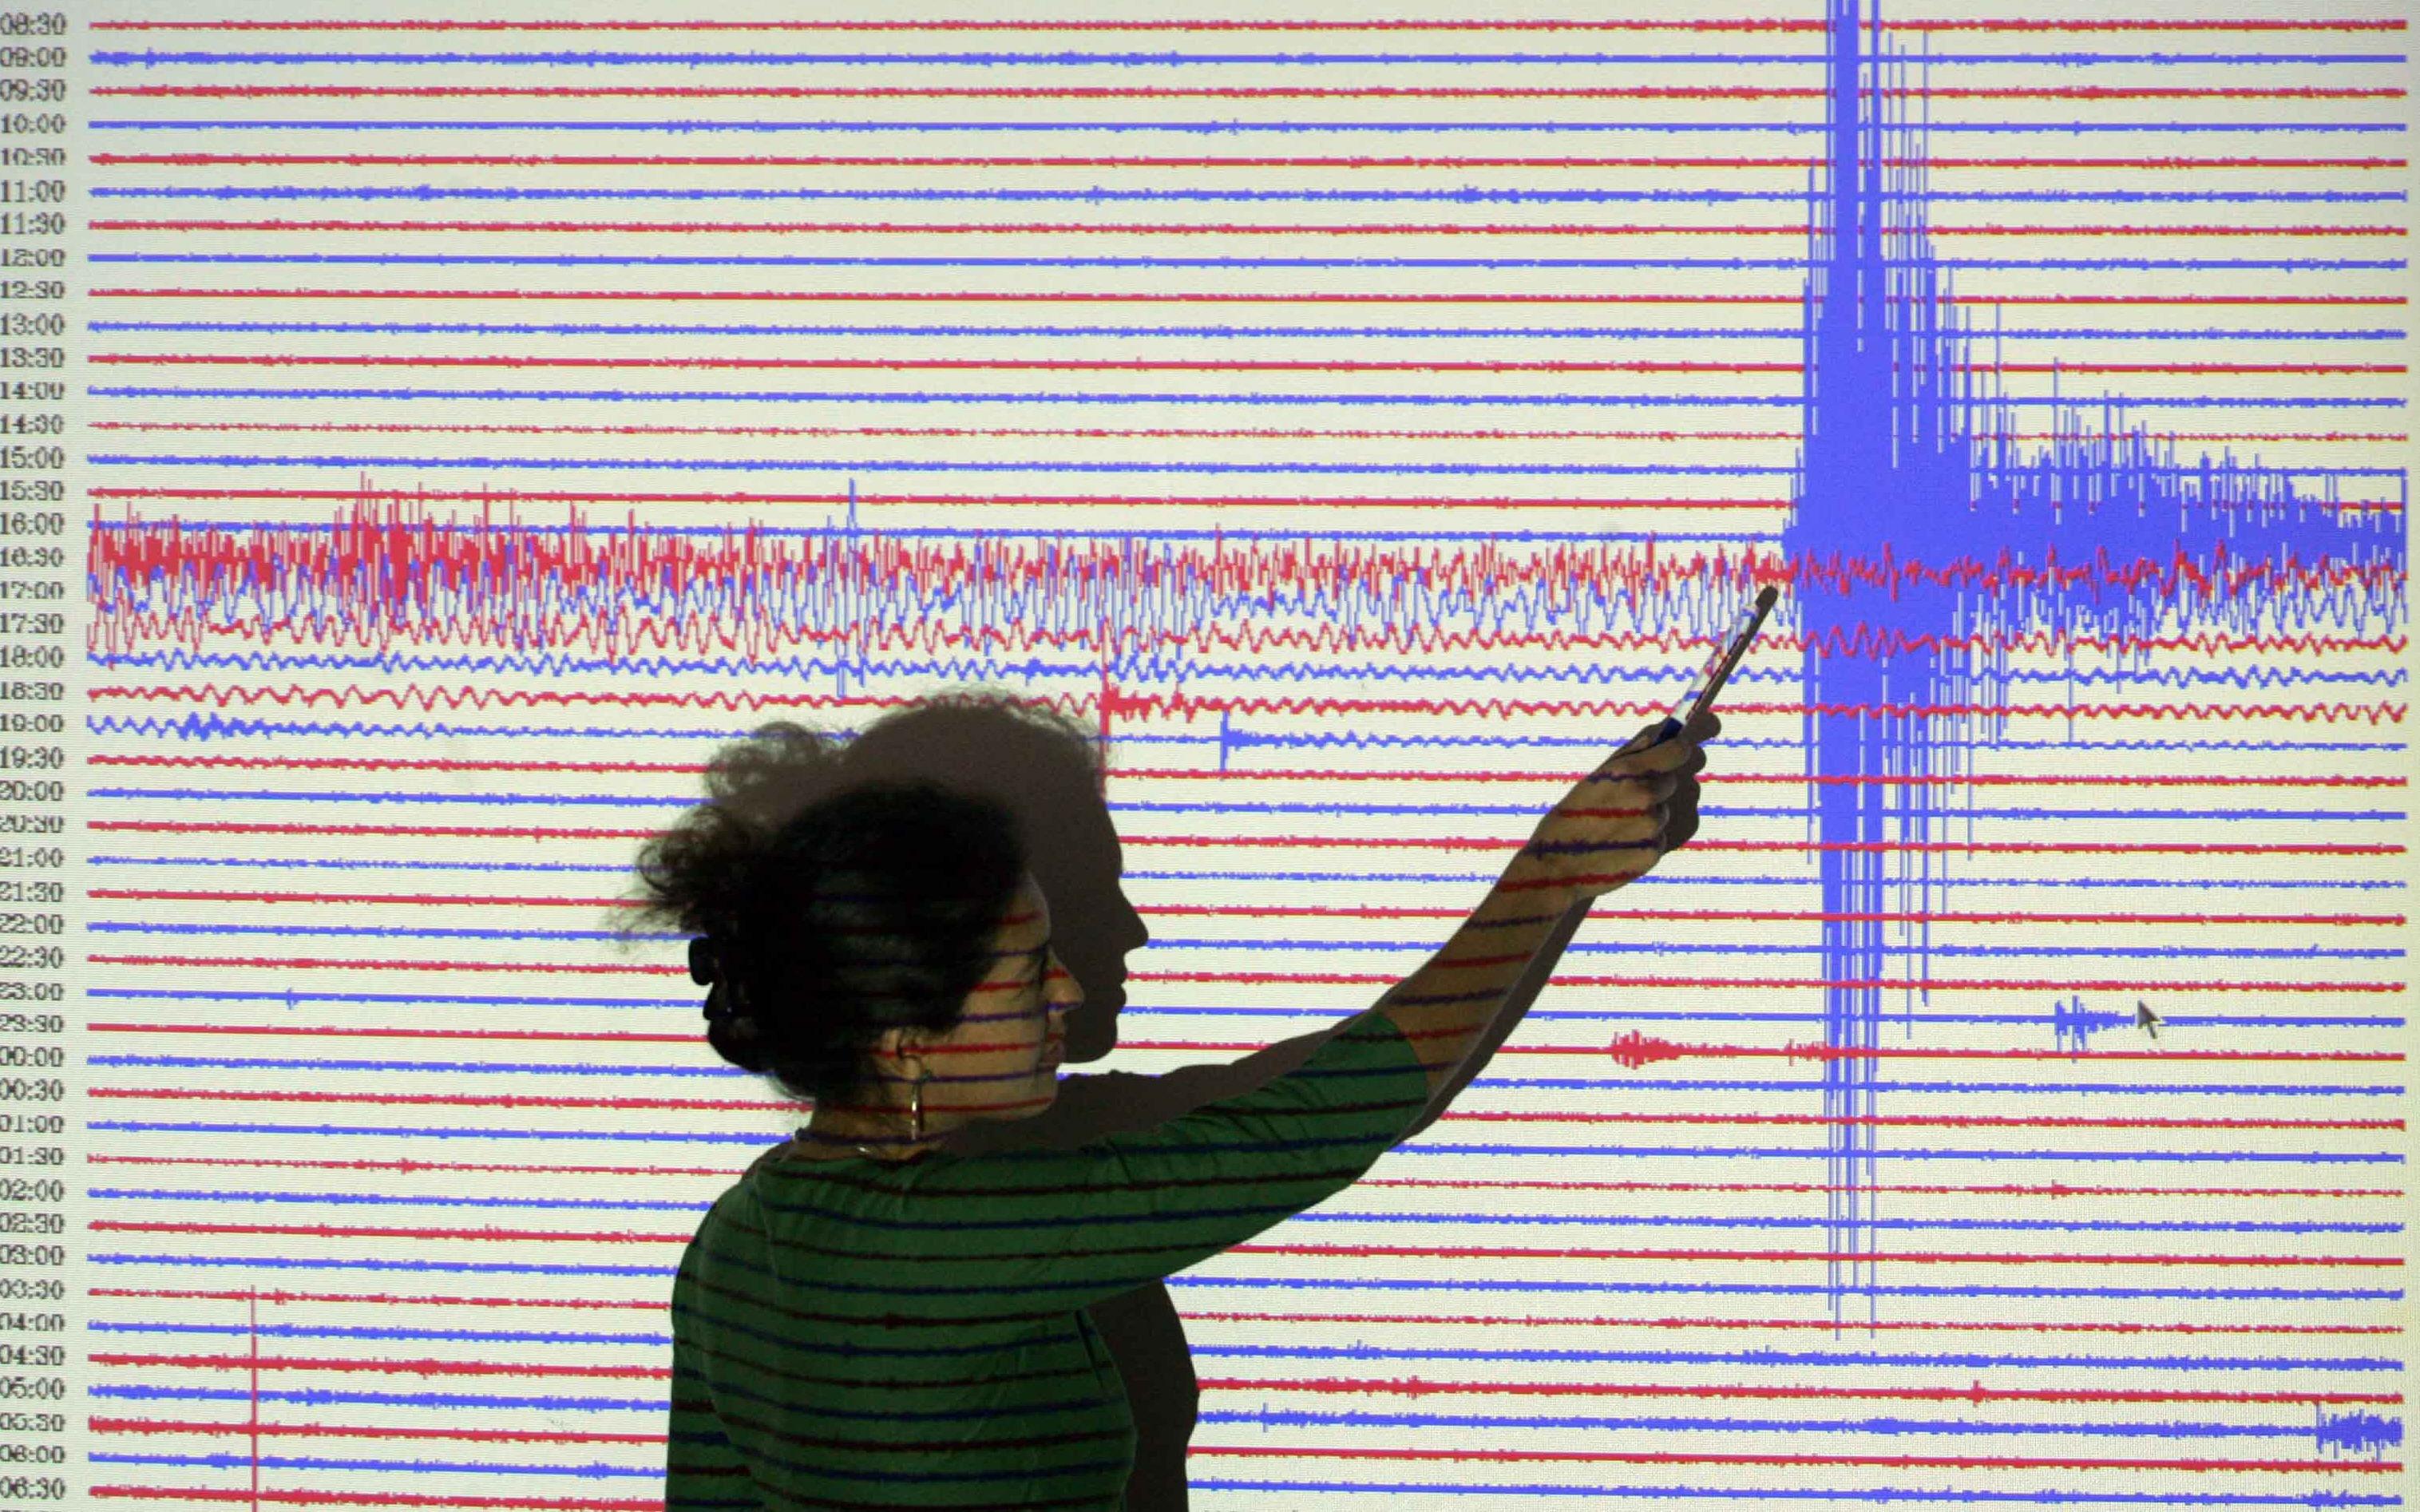 Σεισμική δόνηση 4 βαθμών νότια του Βόλου | tovima.gr